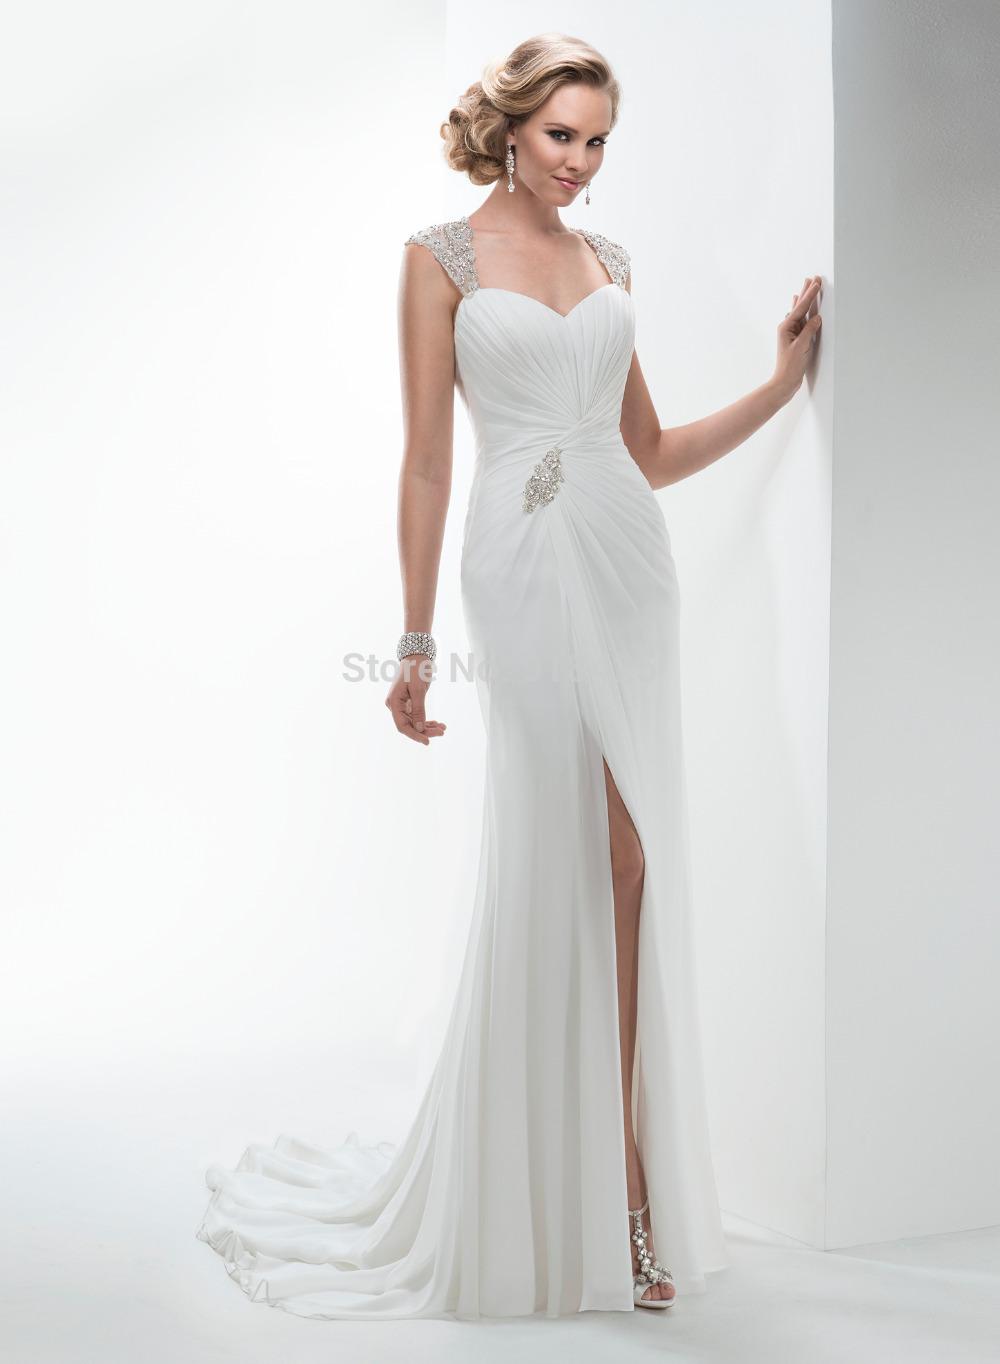 Casual robe de mariage de plage d'occasion